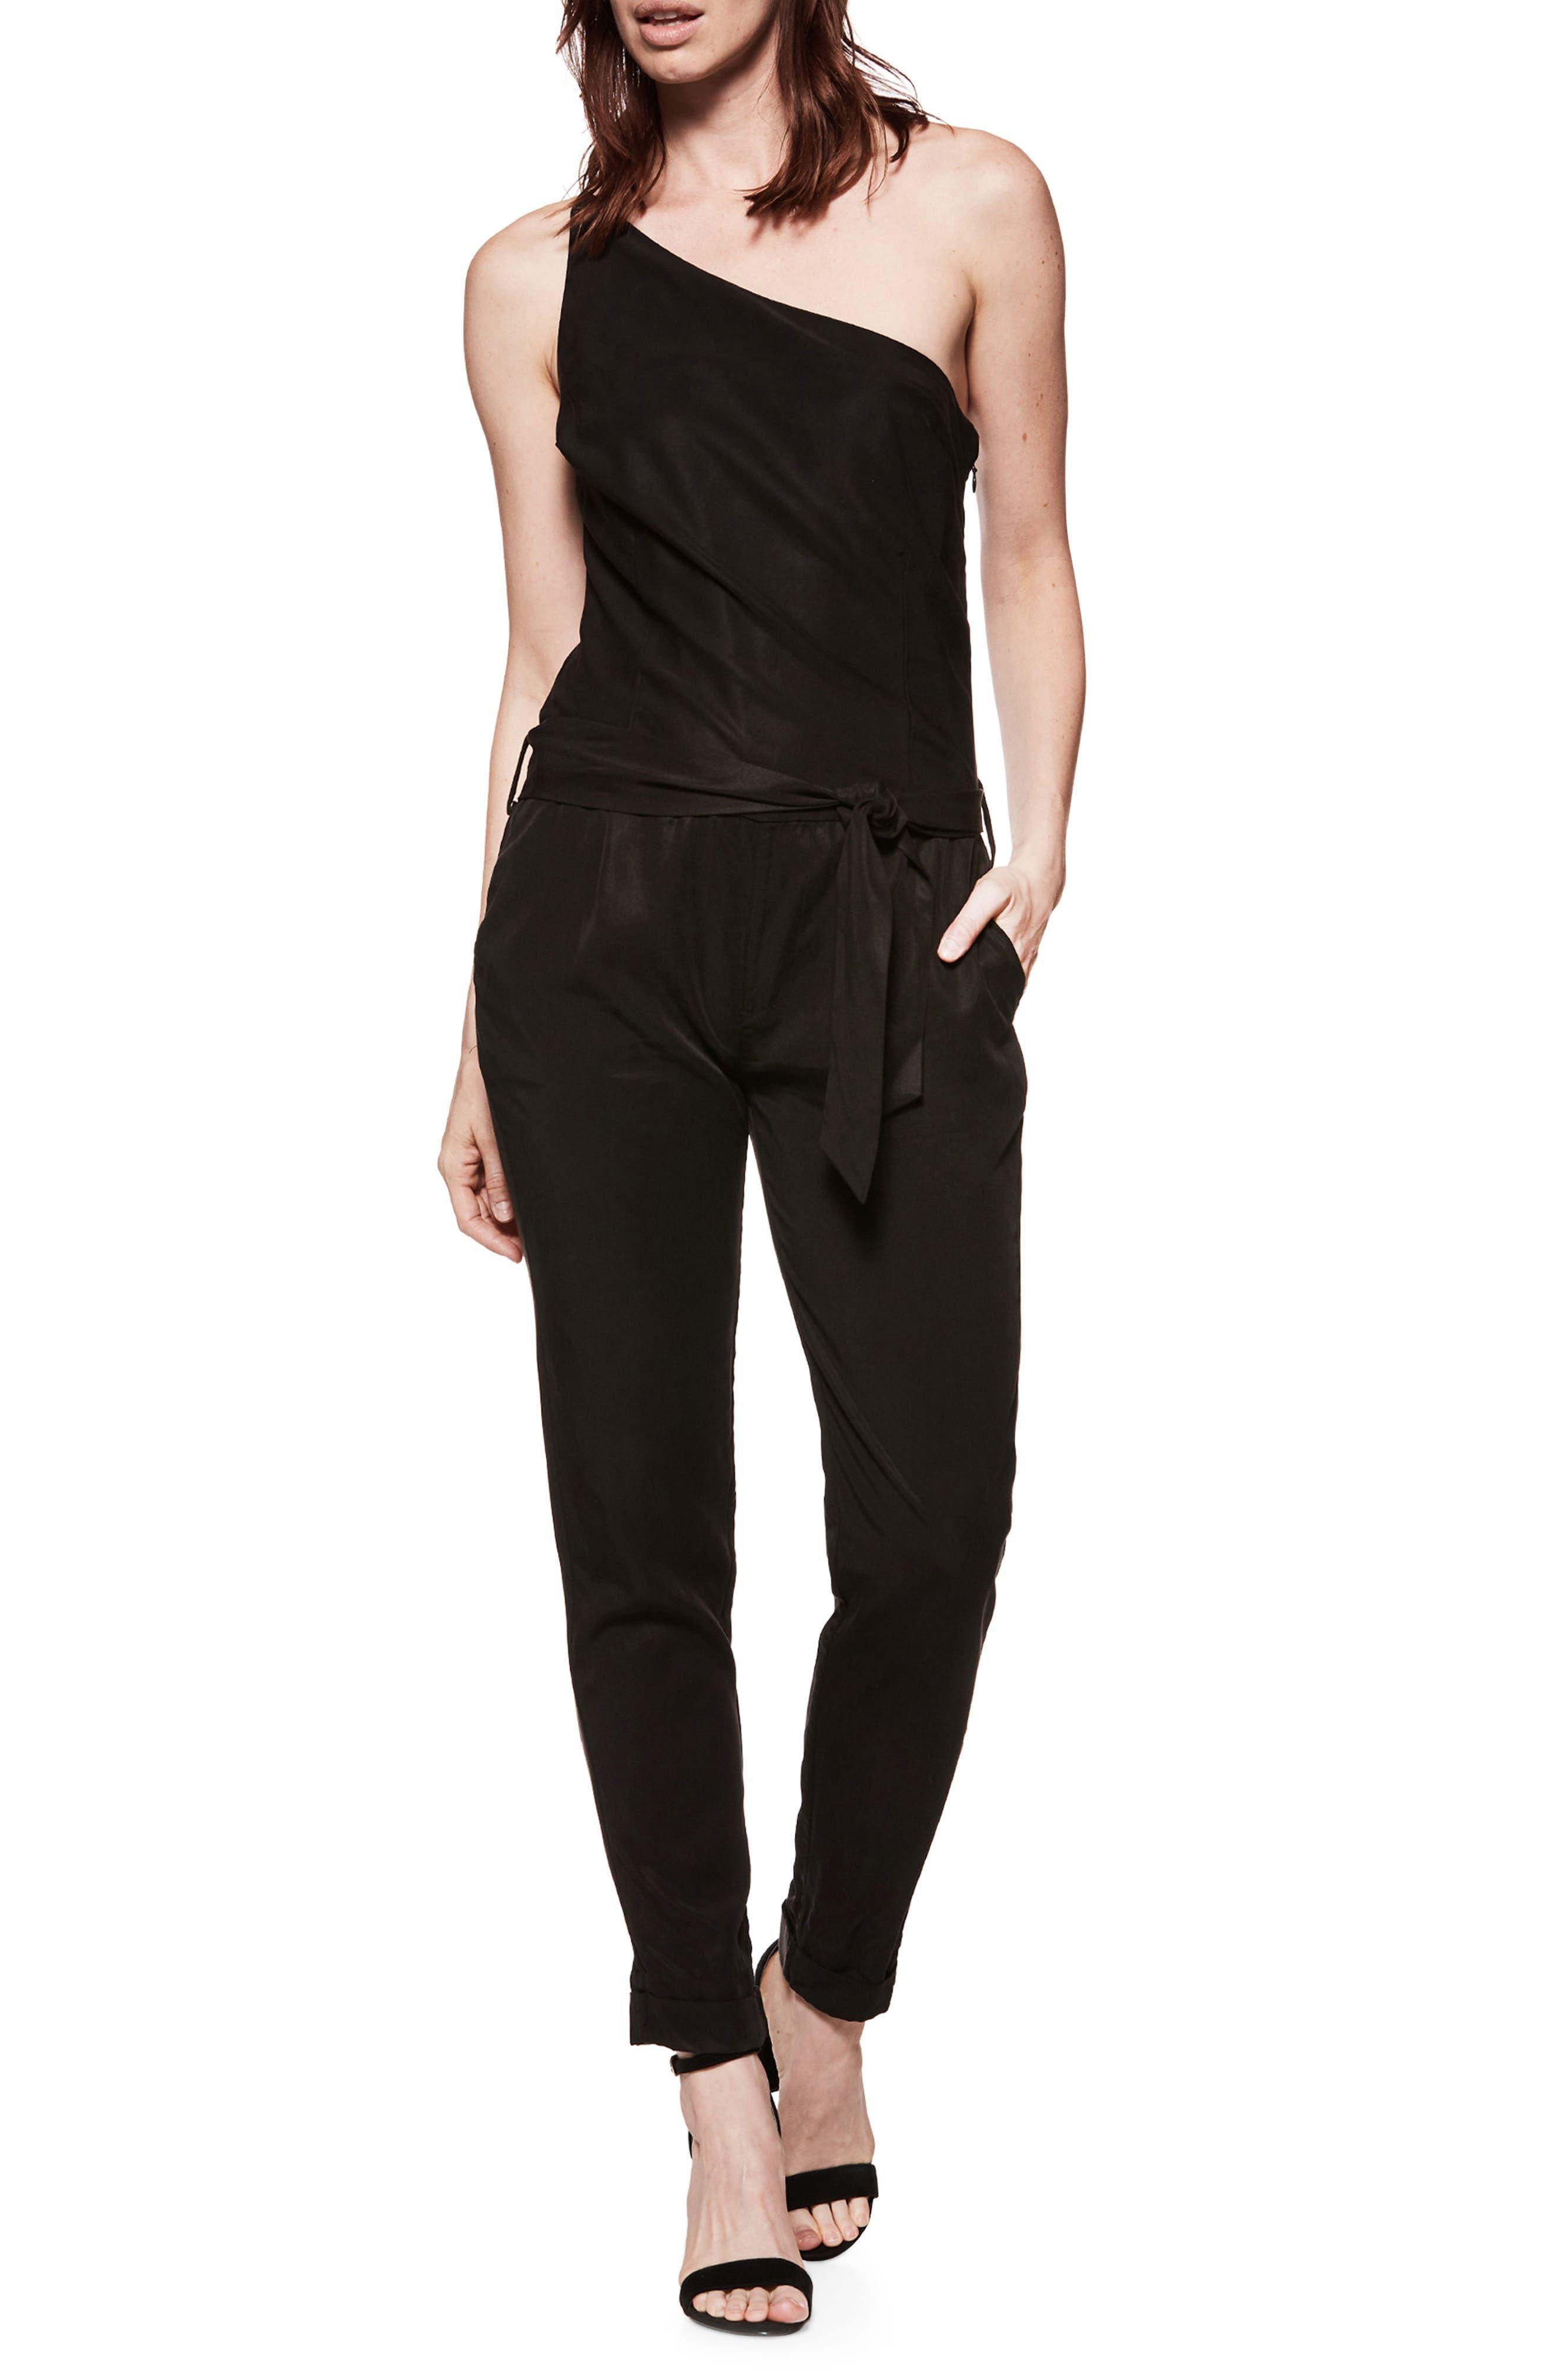 PAIGE Maise One-Shoulder Jumpsuit